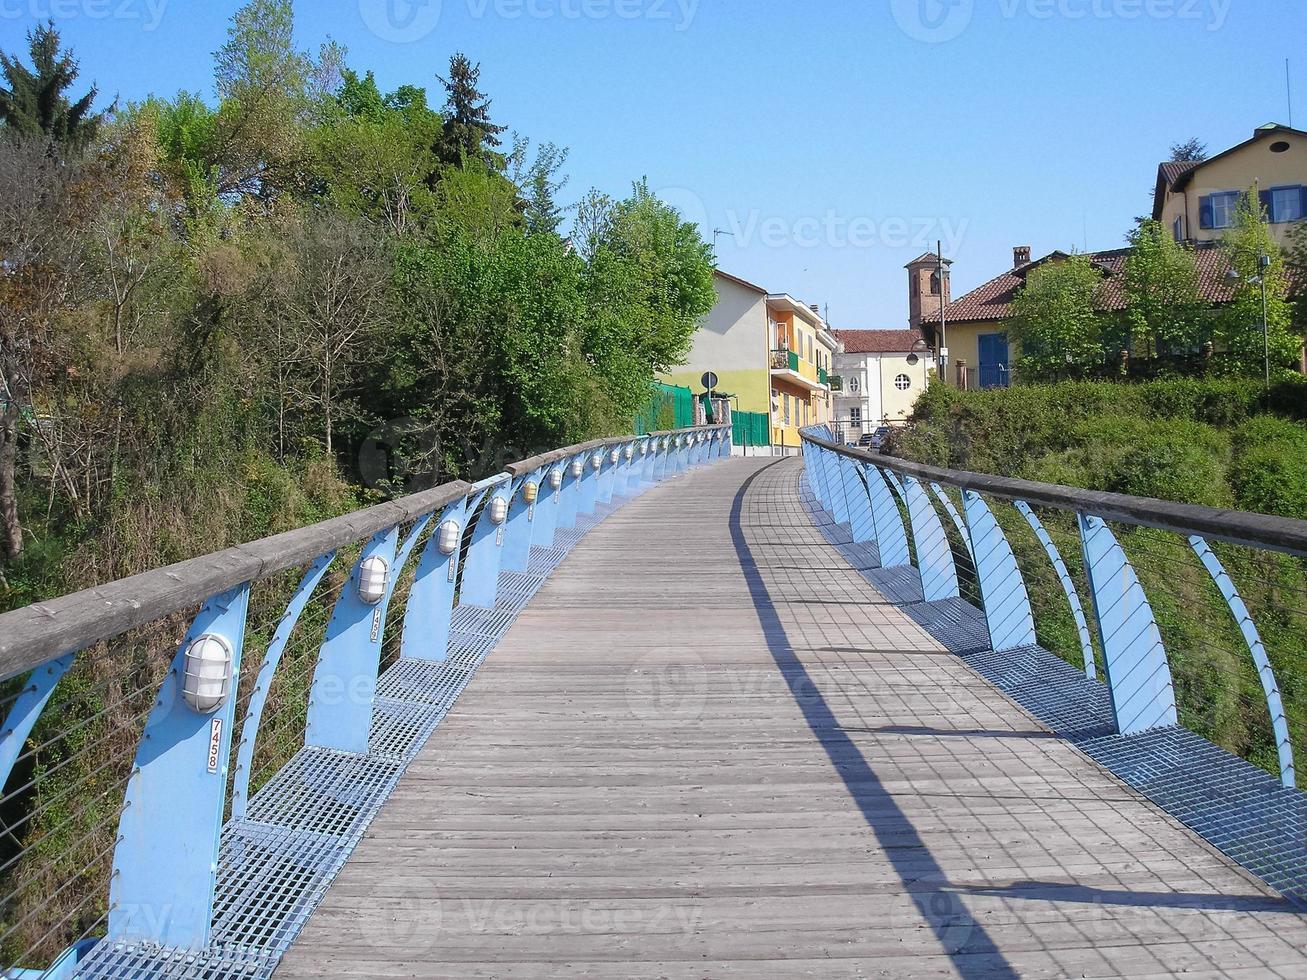 Ponte Zuin sobre o Rio Sangone em Beinasco foto